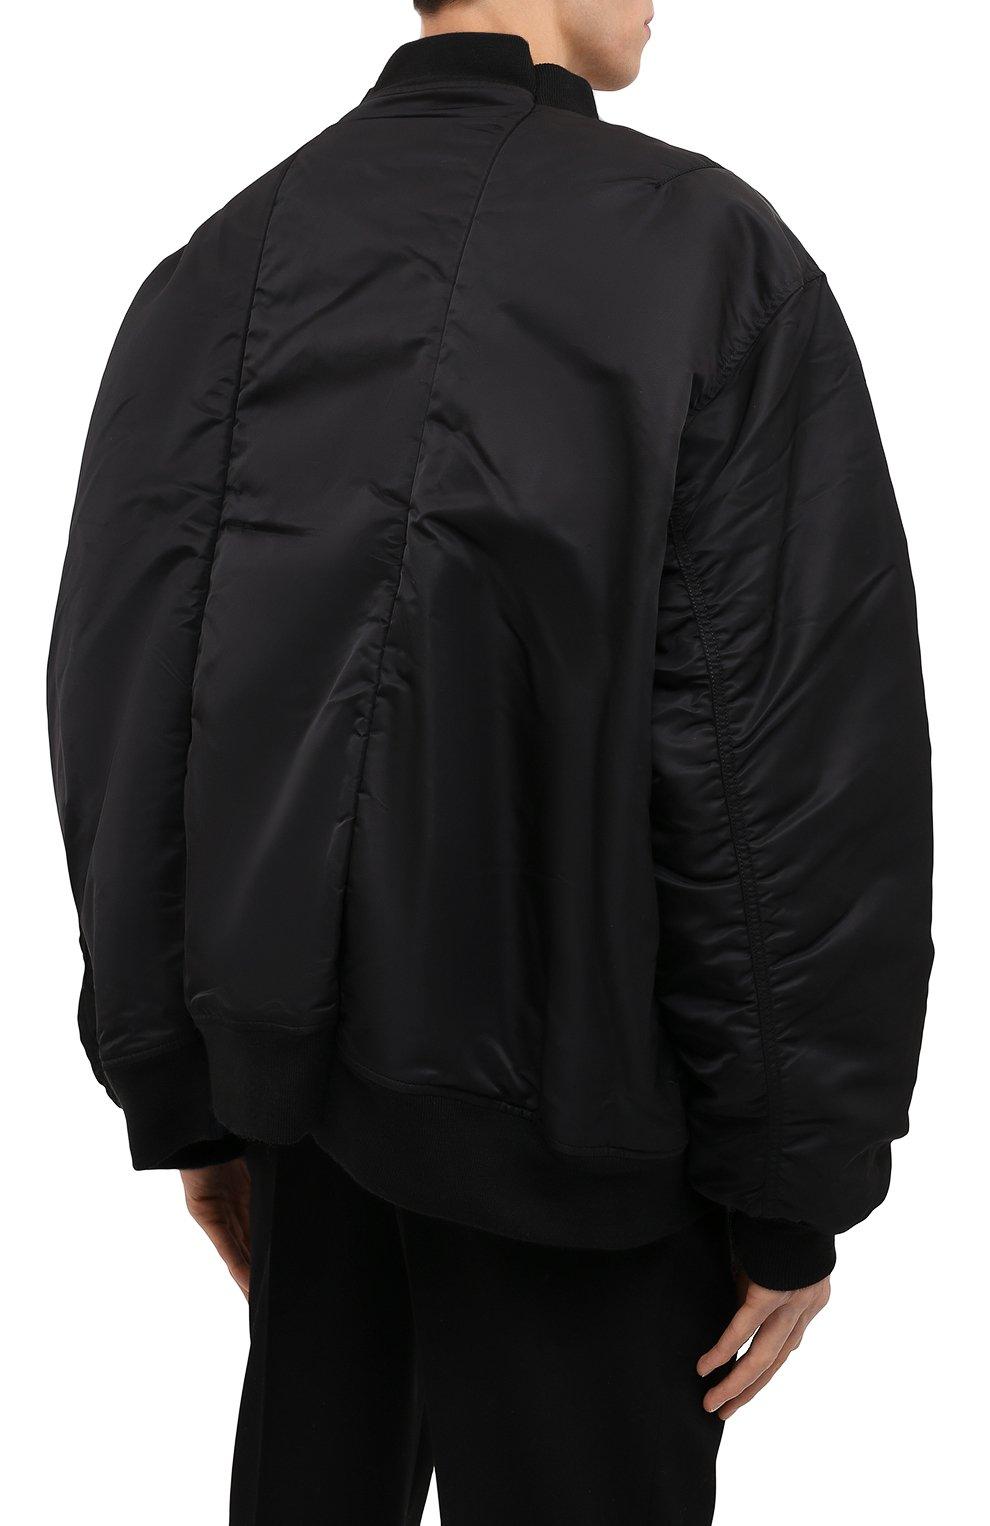 Мужской утепленный бомбер VETEMENTS черного цвета, арт. UA52JA200B 1307/M   Фото 4 (Кросс-КТ: Куртка; Рукава: Длинные; Принт: Без принта; Материал внешний: Синтетический материал; Стили: Гранж; Материал подклада: Синтетический материал; Длина (верхняя одежда): Короткие)